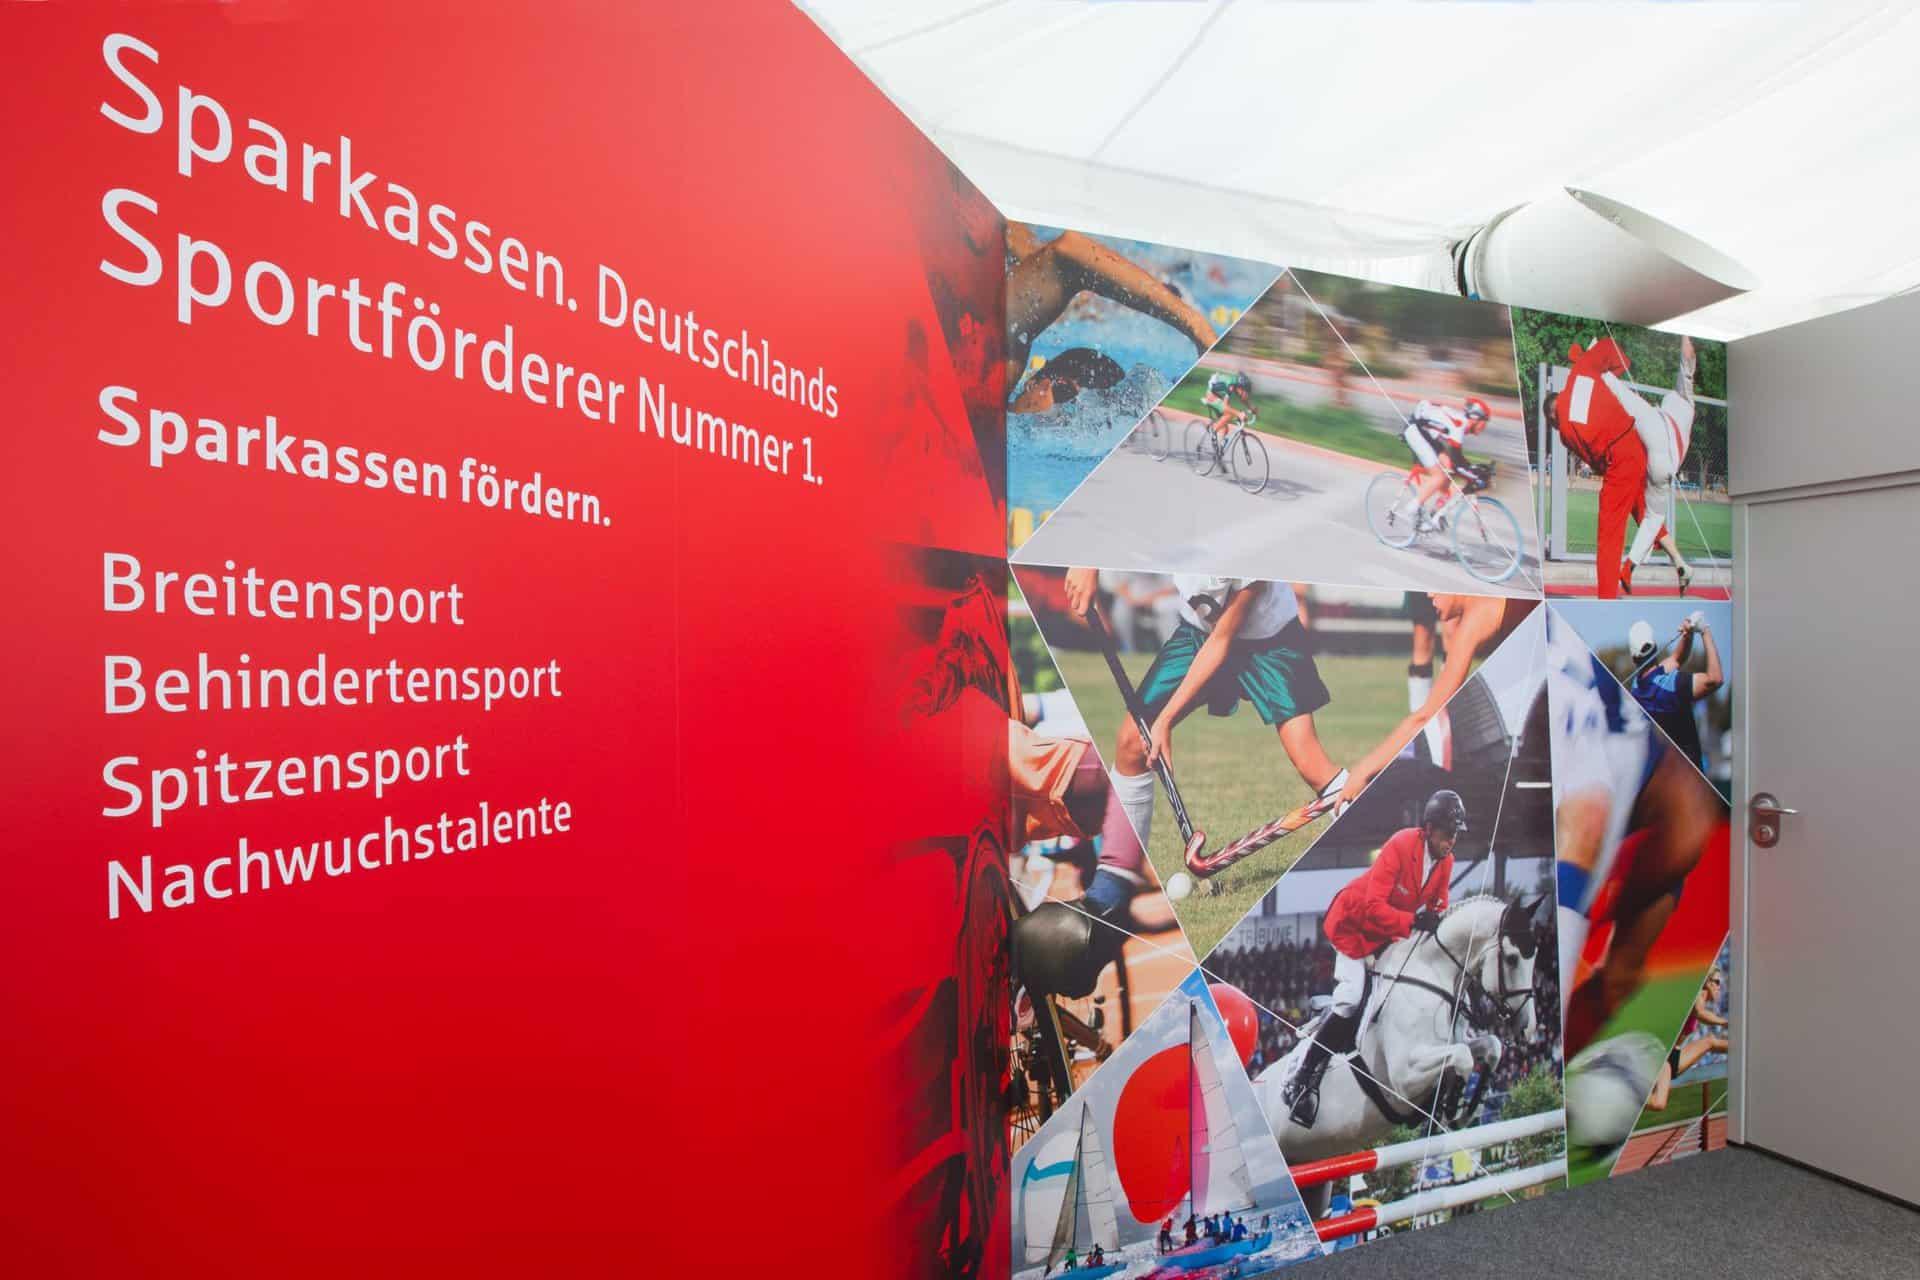 Rheinischer Sparkassen- und Giroverband und Sparkasse Aachen